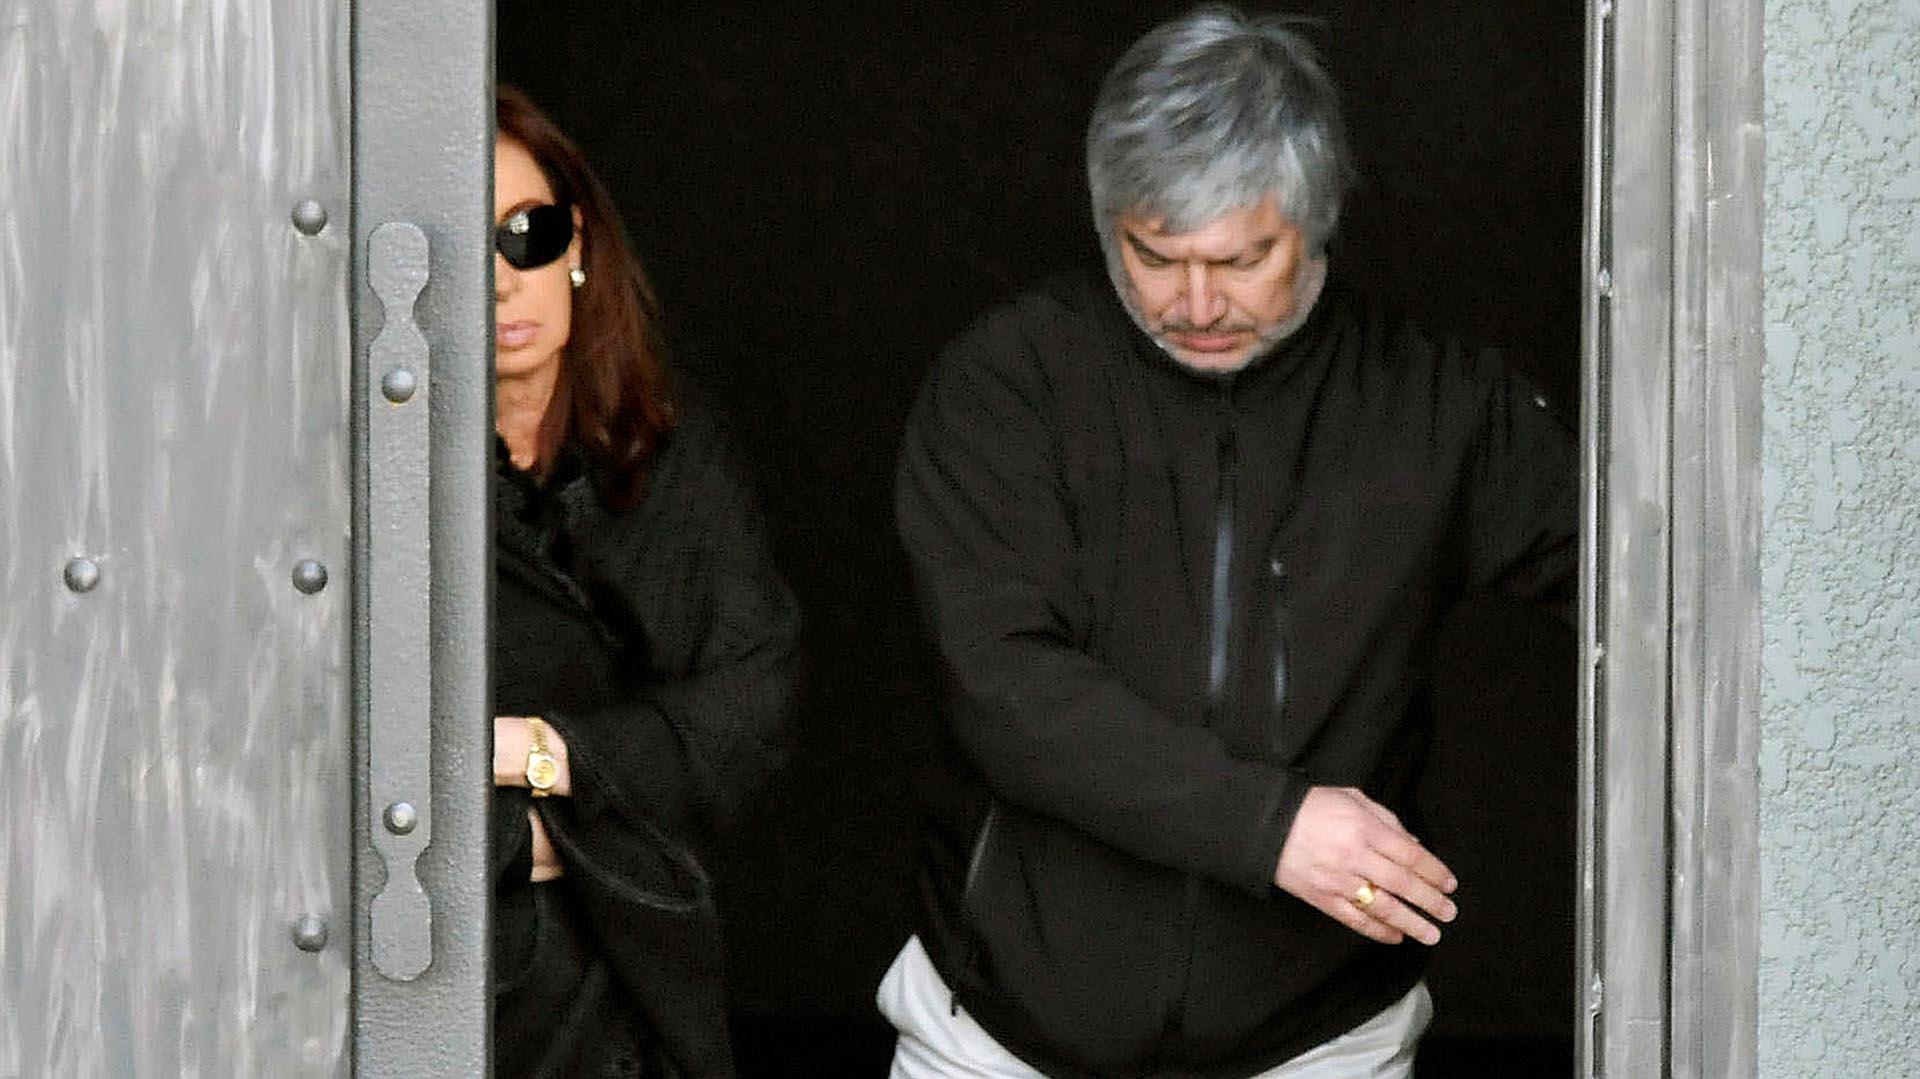 """El 18 de febrero de 2013, Cristina Kirchner y Lázaro Báez estuvieron juntos en el mausoleo que el empresario de Austral Construcciones le construyó a """"su amigo"""" Néstor Kirchner."""